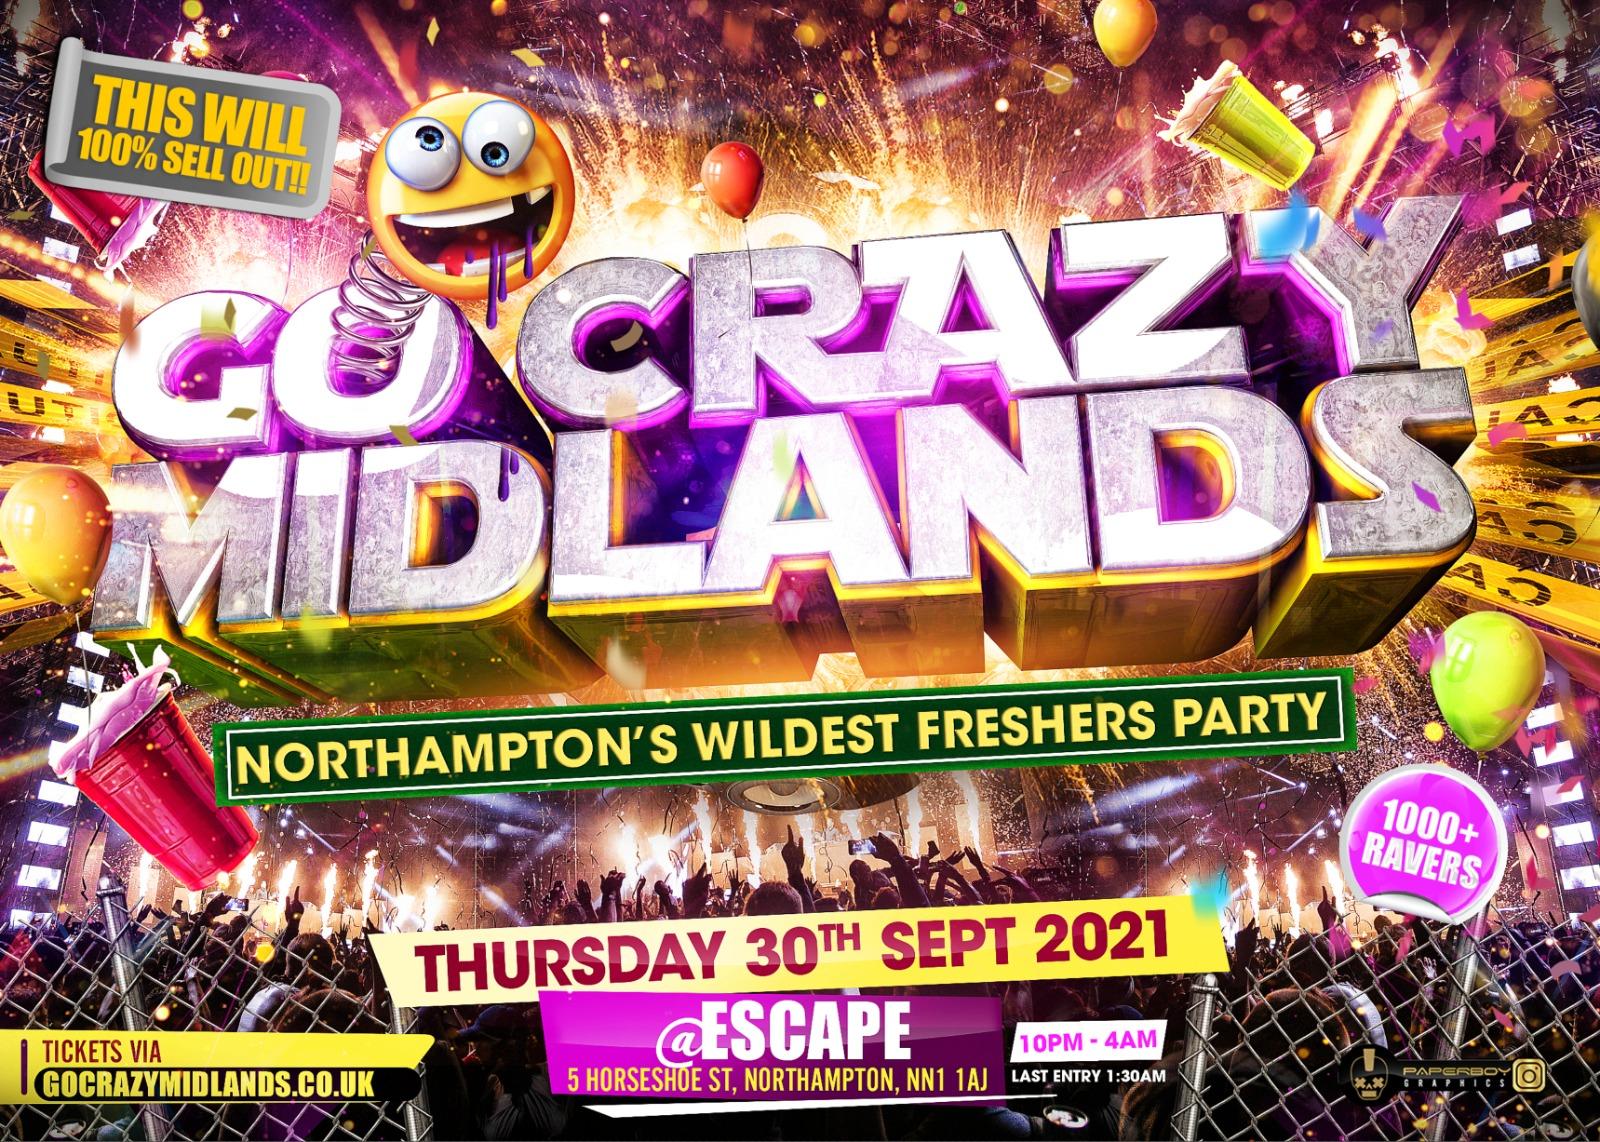 Go Crazy Midlands